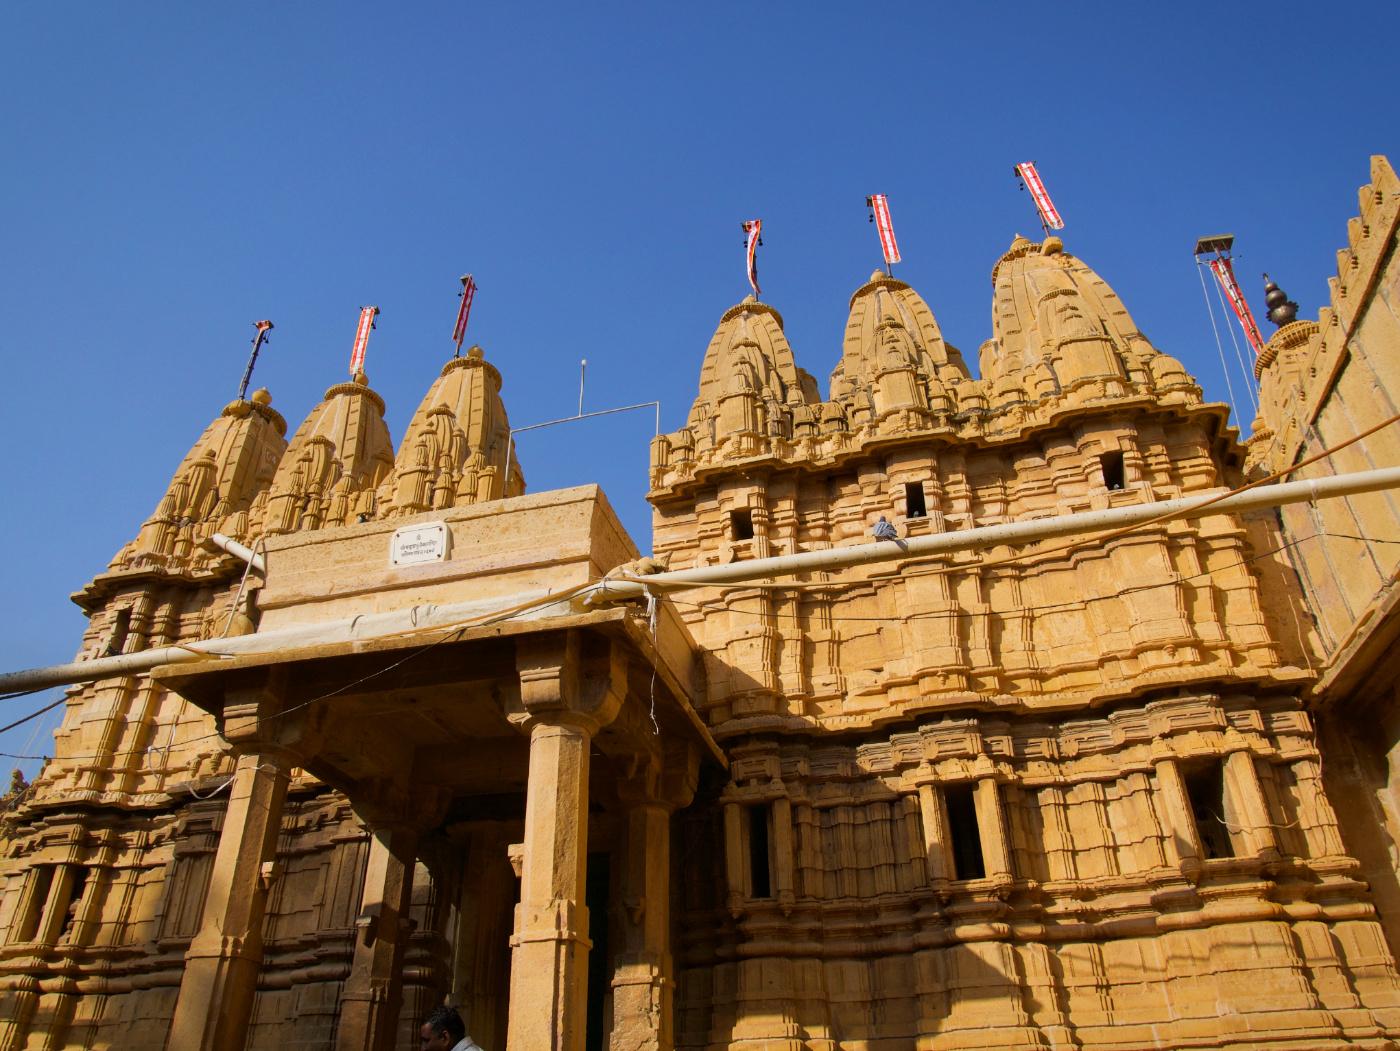 539-India-Jaisalmer